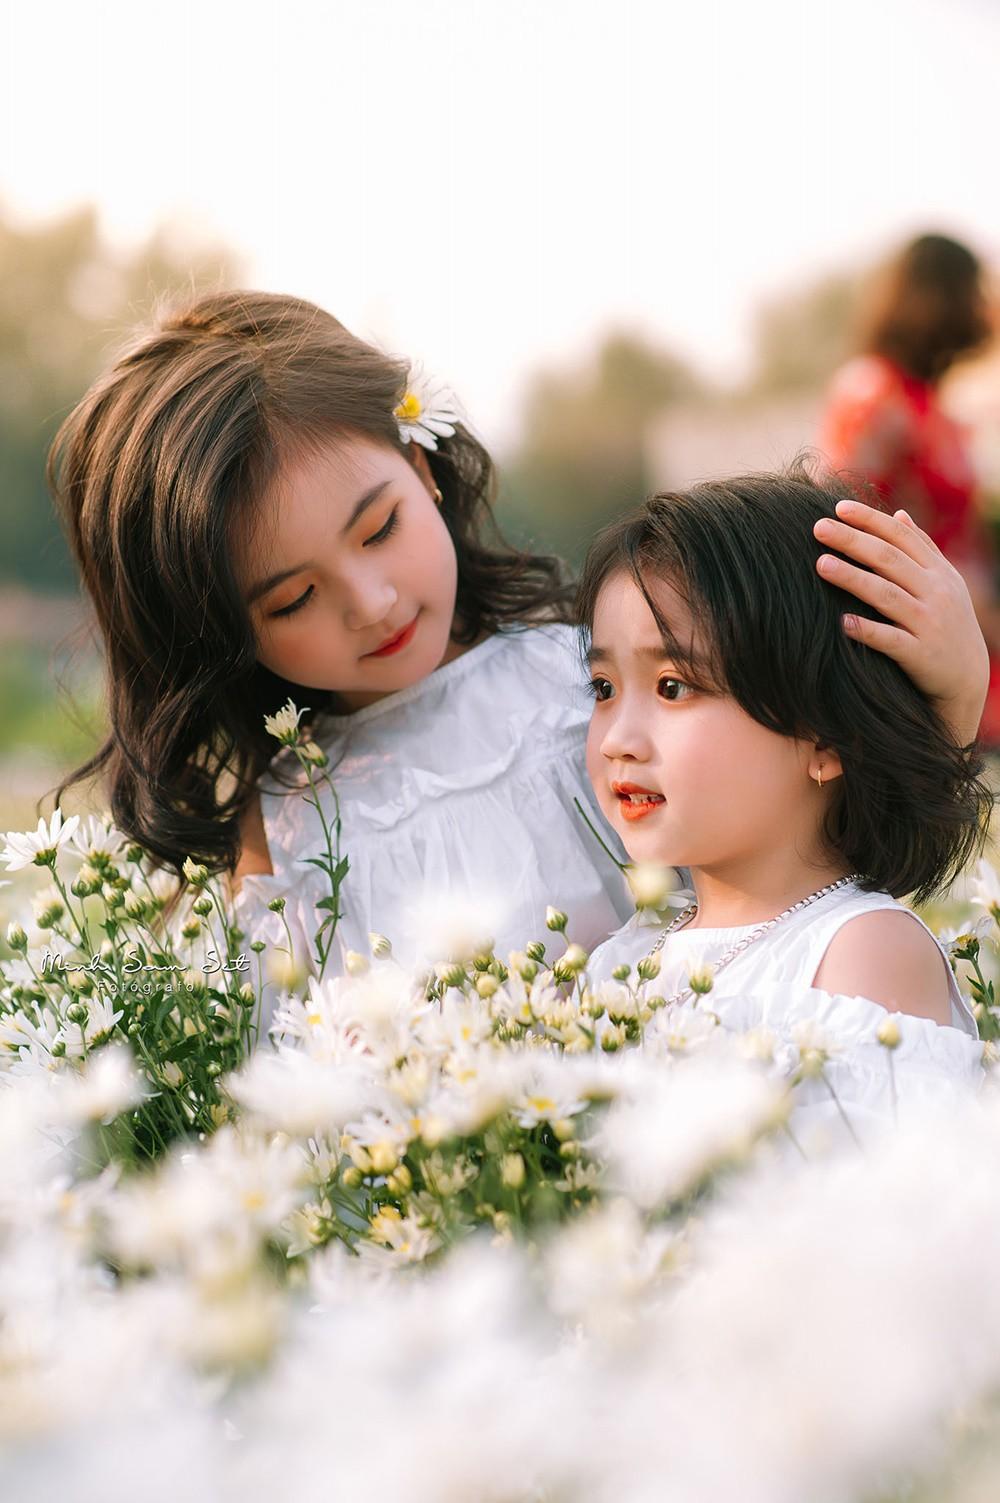 Đánh bại tất cả các bộ ảnh khác, 2 chị em soán ngôi công chúa